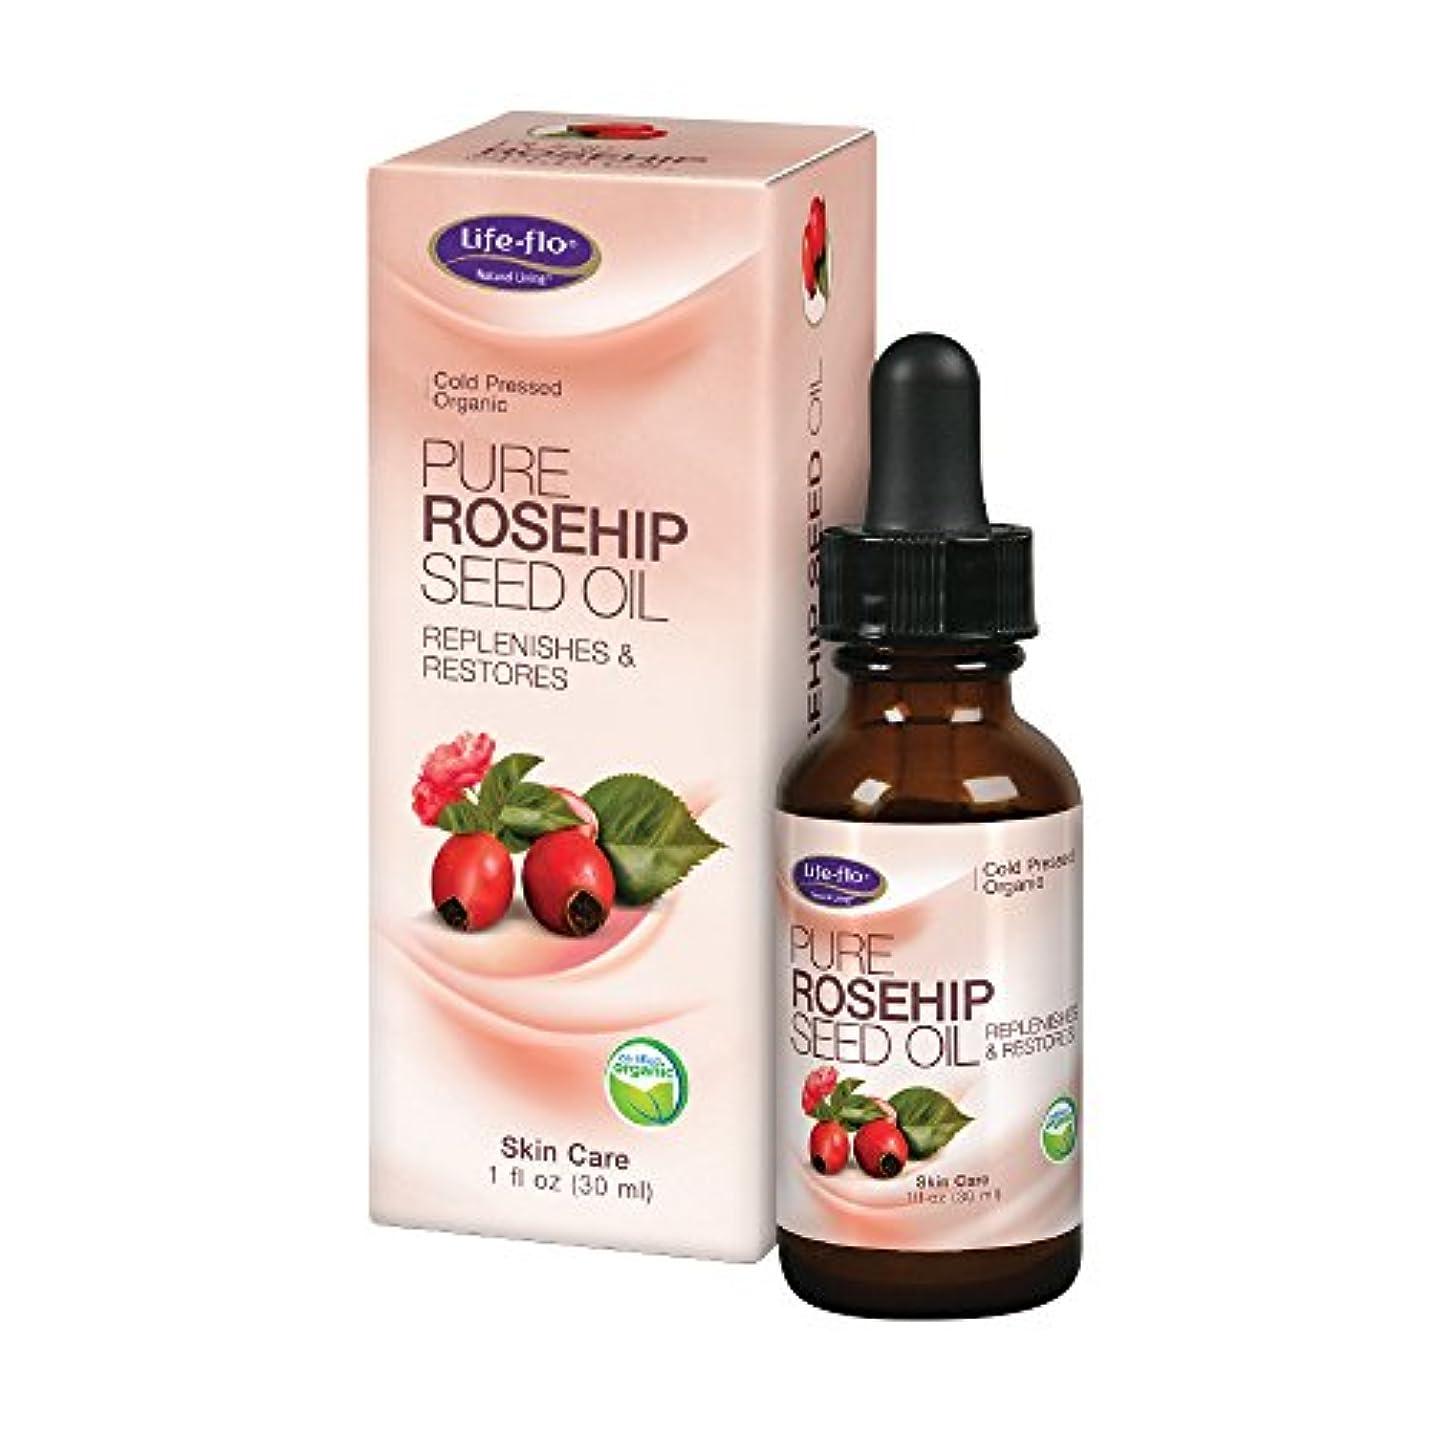 信頼性最大化する落ち着いて海外直送品 Life-Flo Pure Rosehip Seed Oil, 1 oz